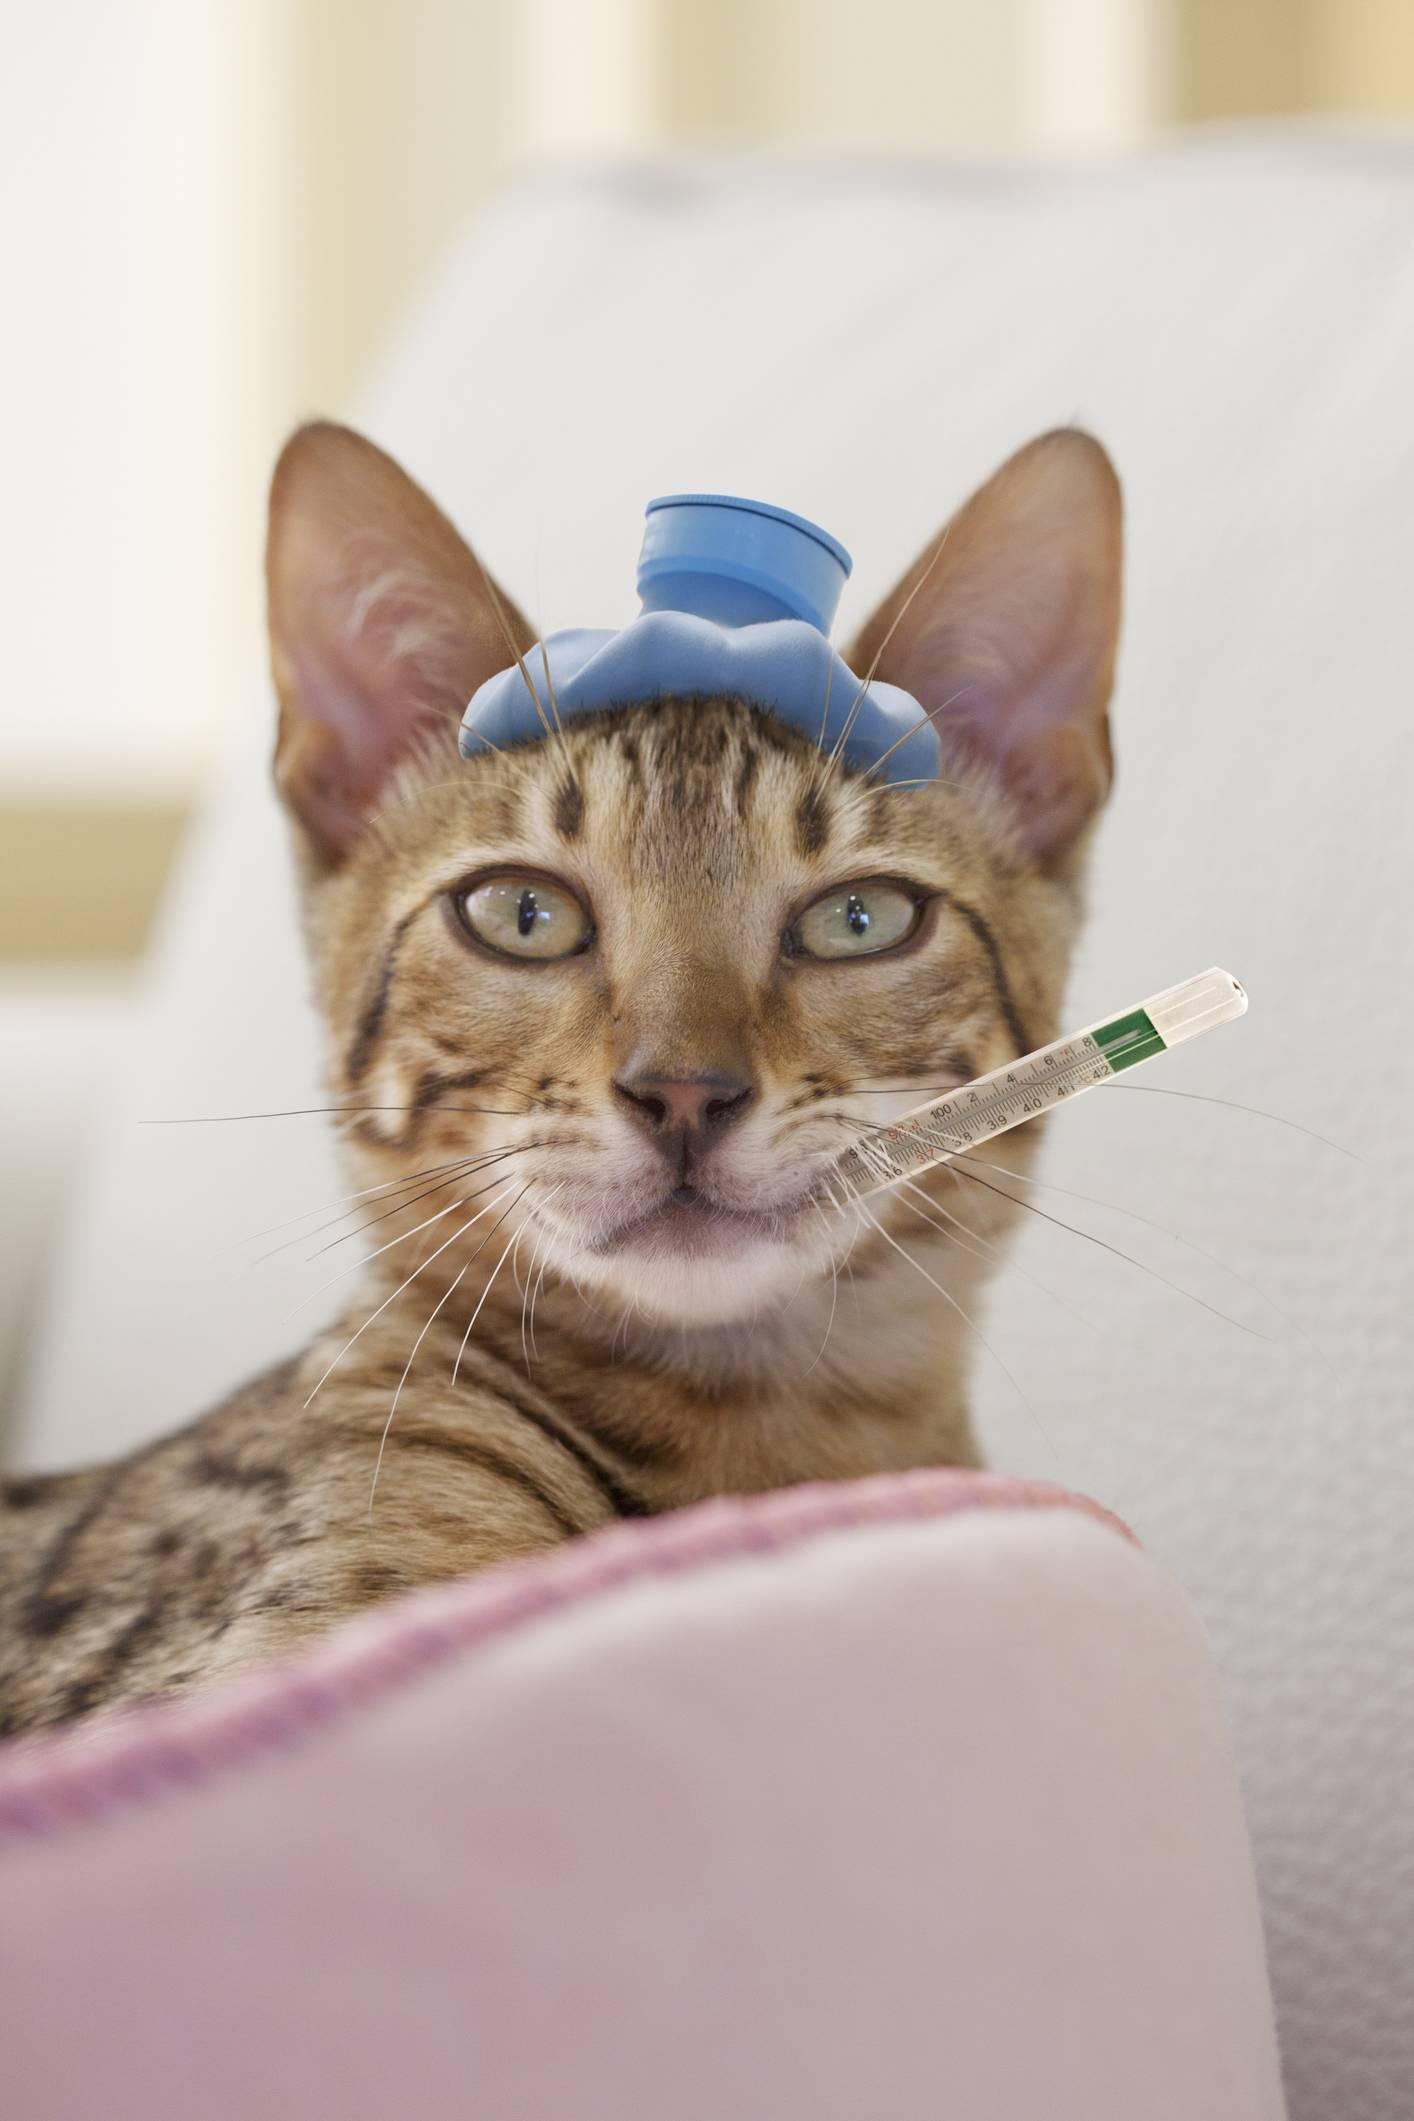 У кошки рвота что делать в домашних условиях: что дать от рвоты, наличие в рвоте крови или белой пены